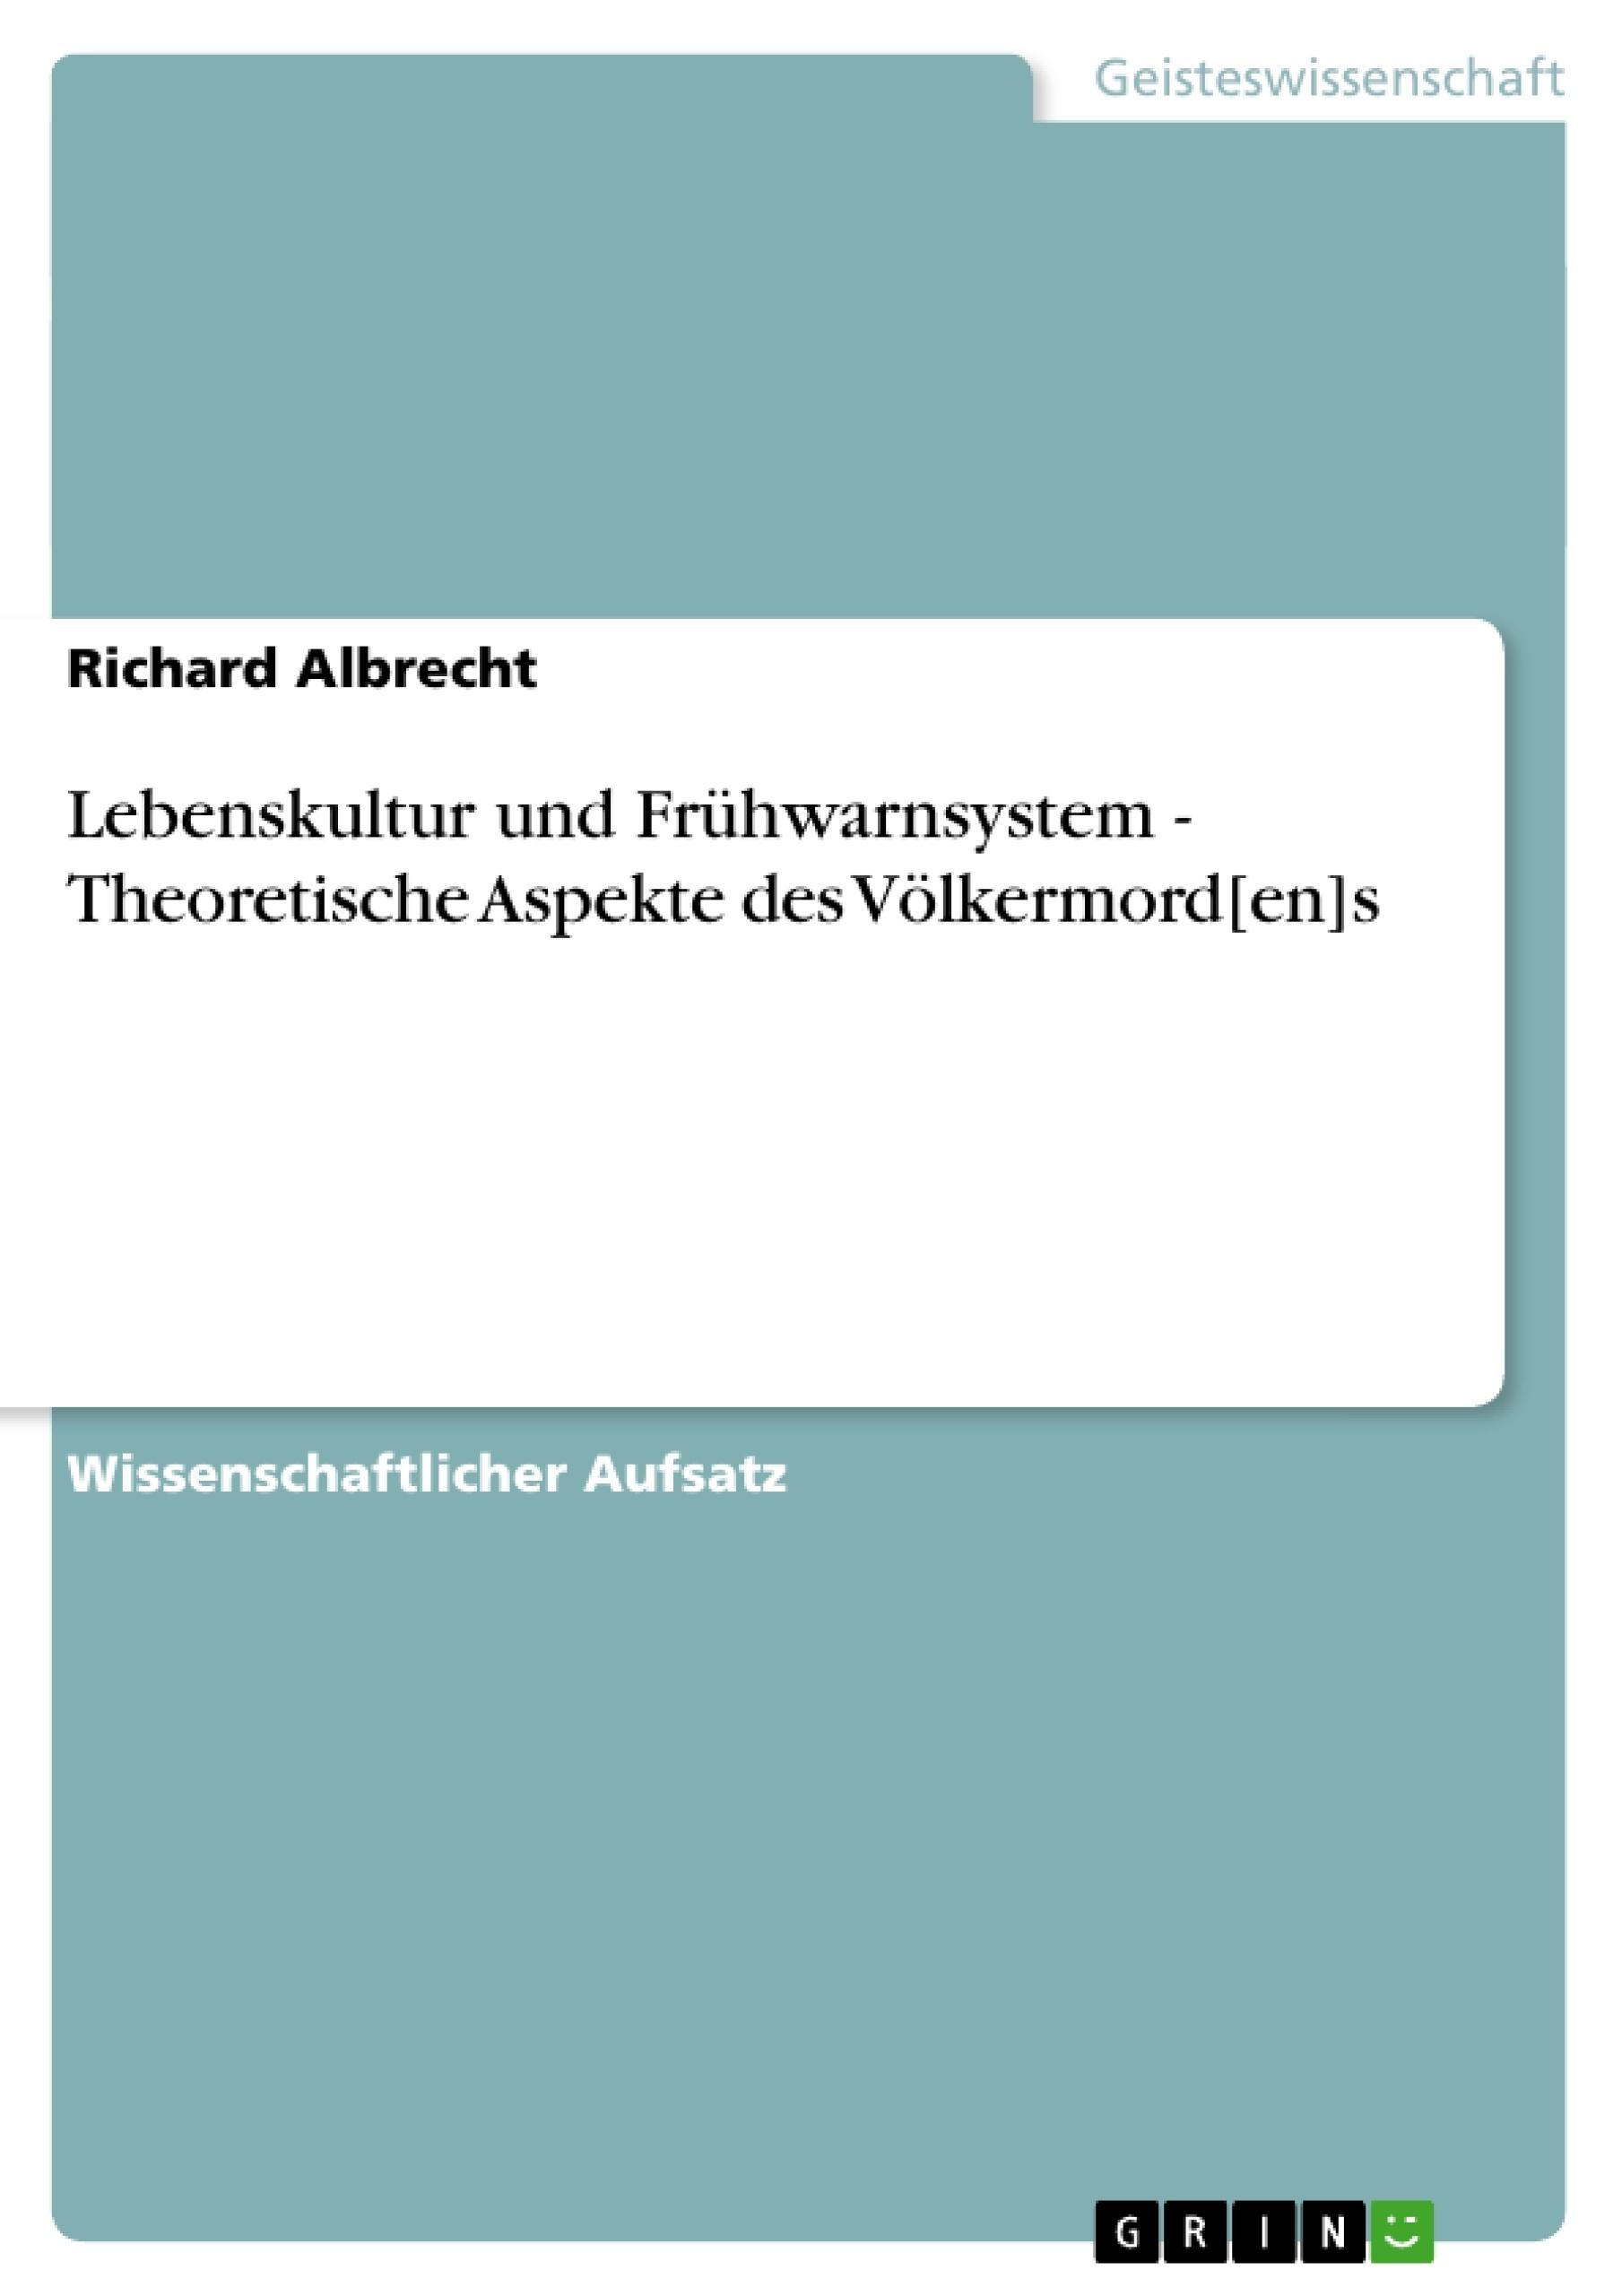 Titel: Lebenskultur und Frühwarnsystem - Theoretische Aspekte des Völkermord[en]s